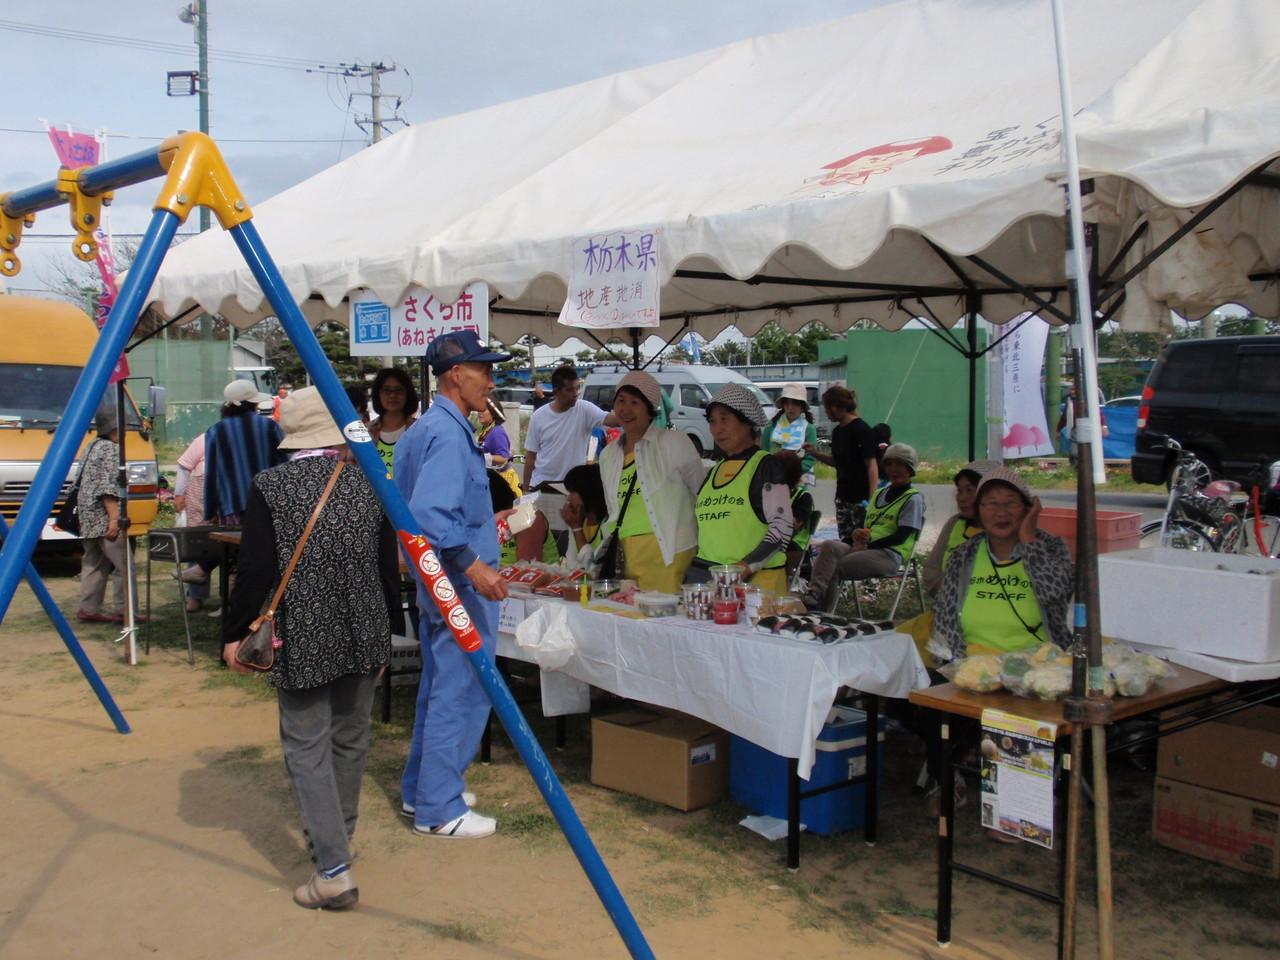 栃木のボランティア団体のブース③